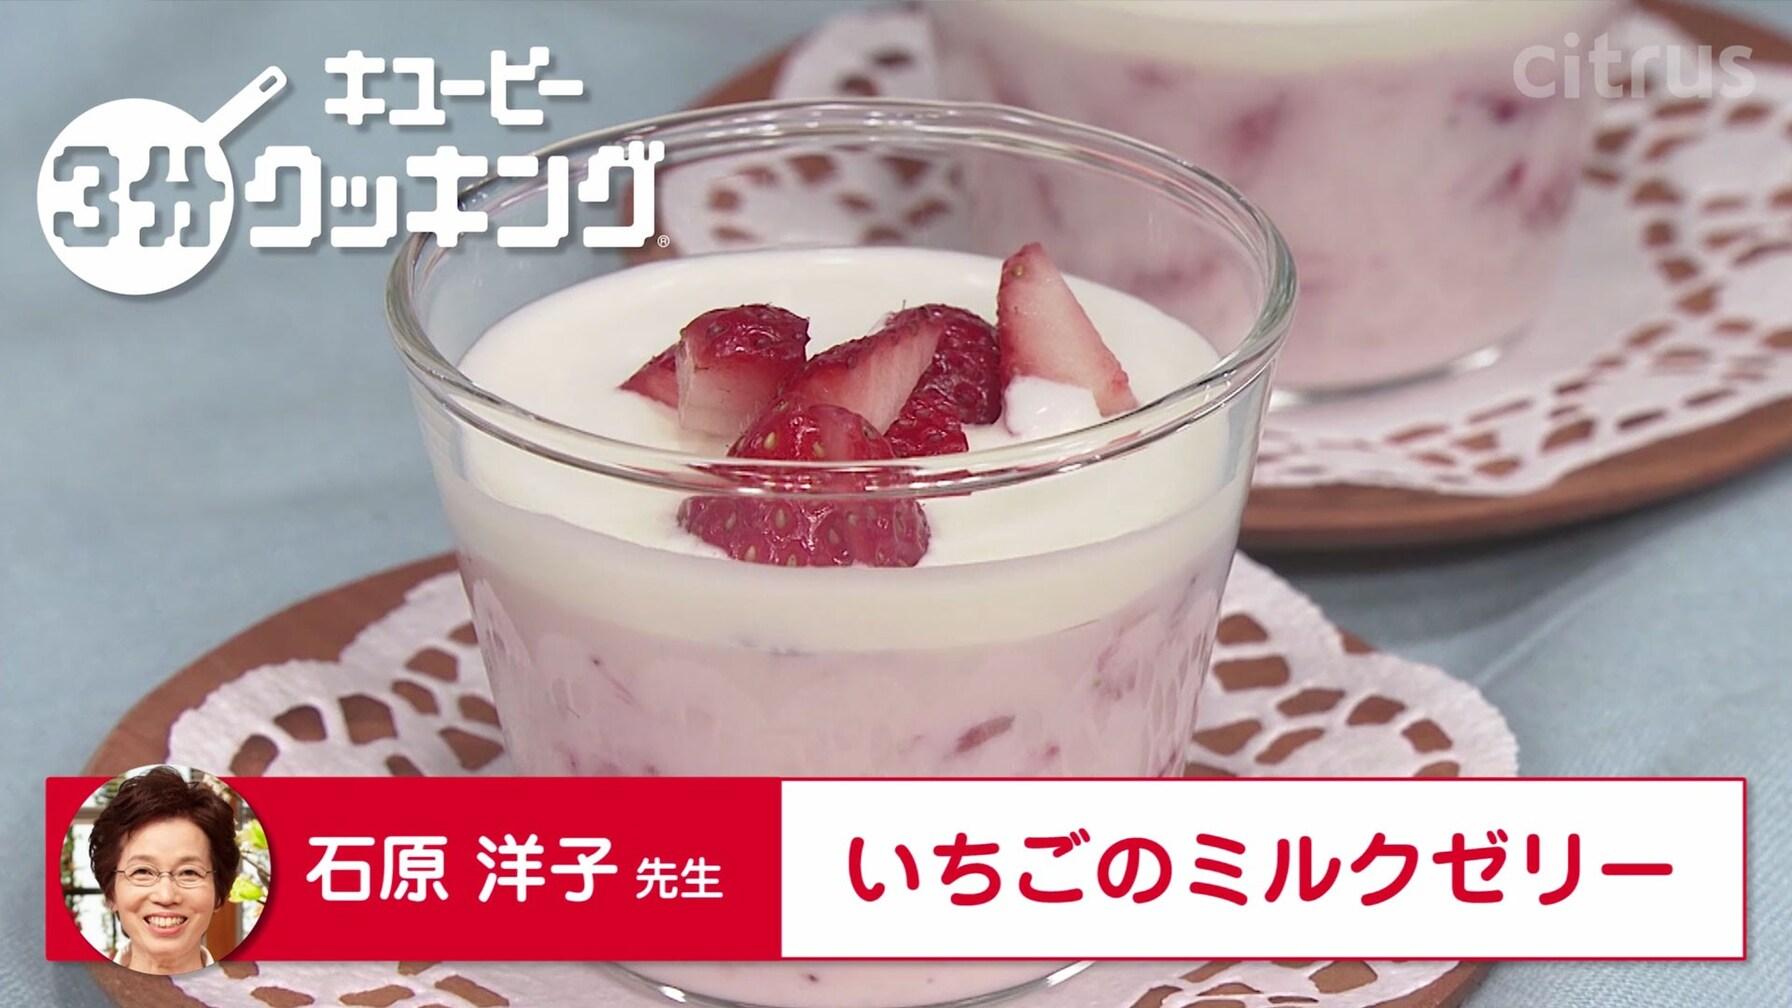 【3分クッキング】 冷やすだけの簡単デザート! プルプルとろ~り「いちごのミルクゼリー」